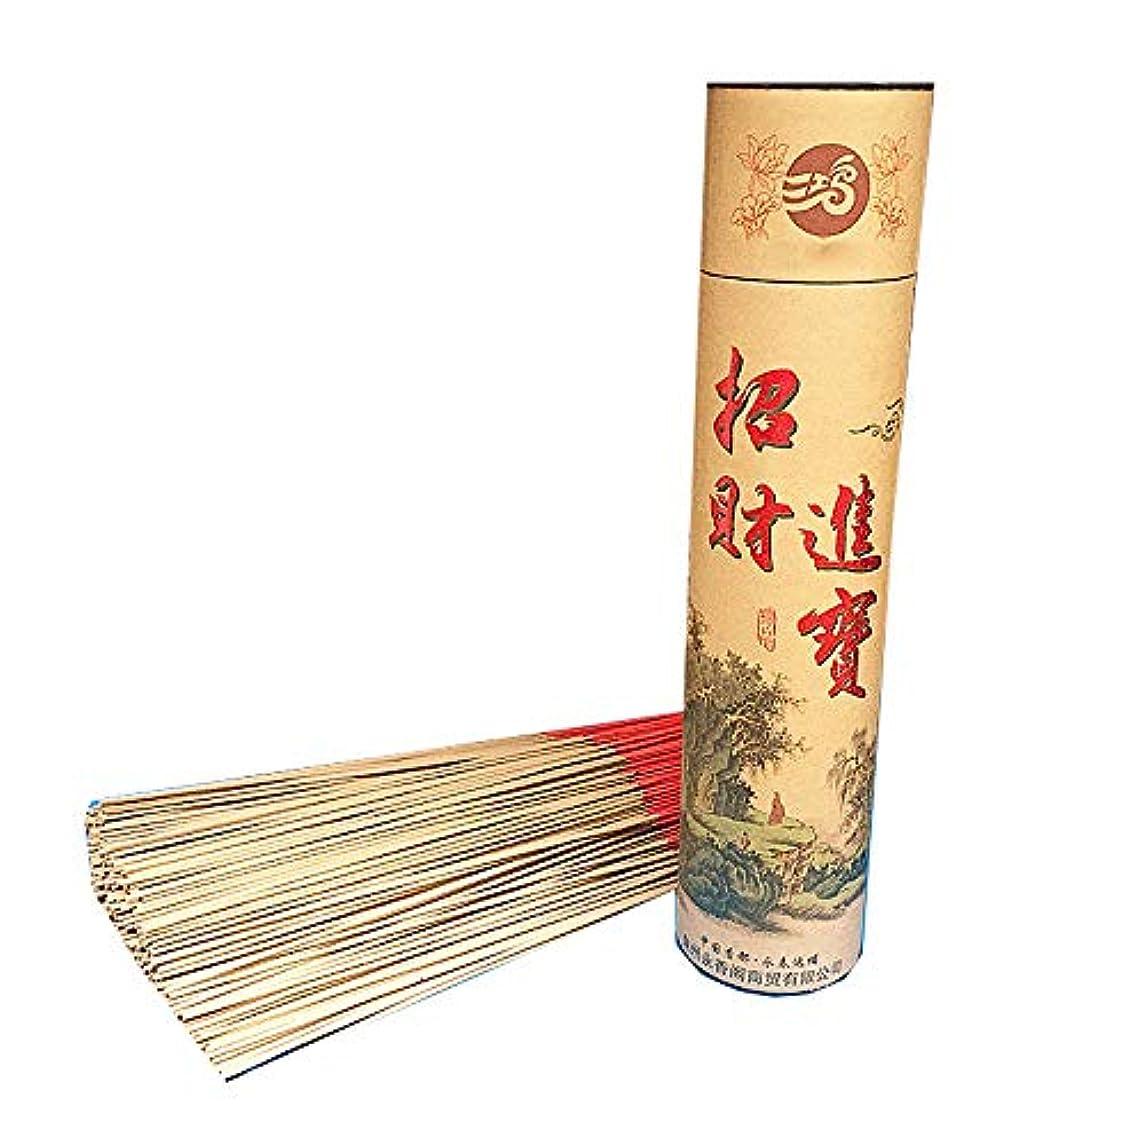 ルーフキャラクターモッキンバードZeeStar チャイニーズジョススティック 無香 香料 香りなし 香りつき 香りつき ジョススティック 13インチ(480本)